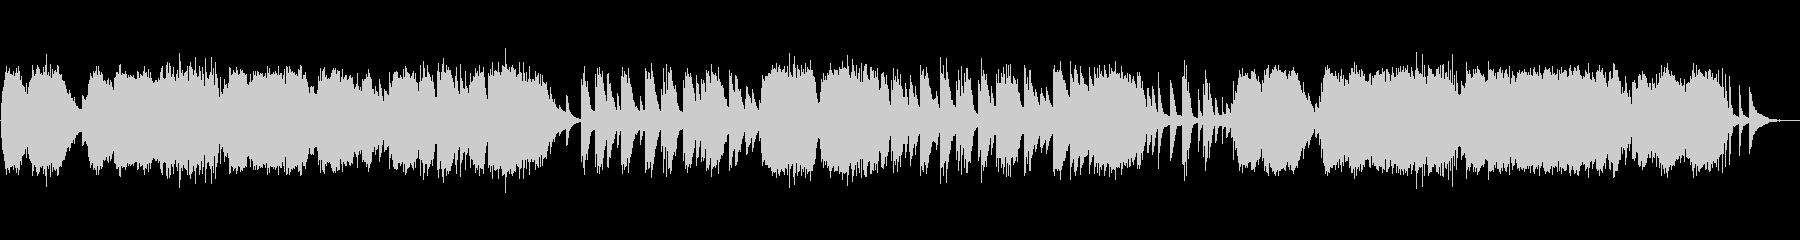 ドビュッシー『アラベスク第1番』の未再生の波形